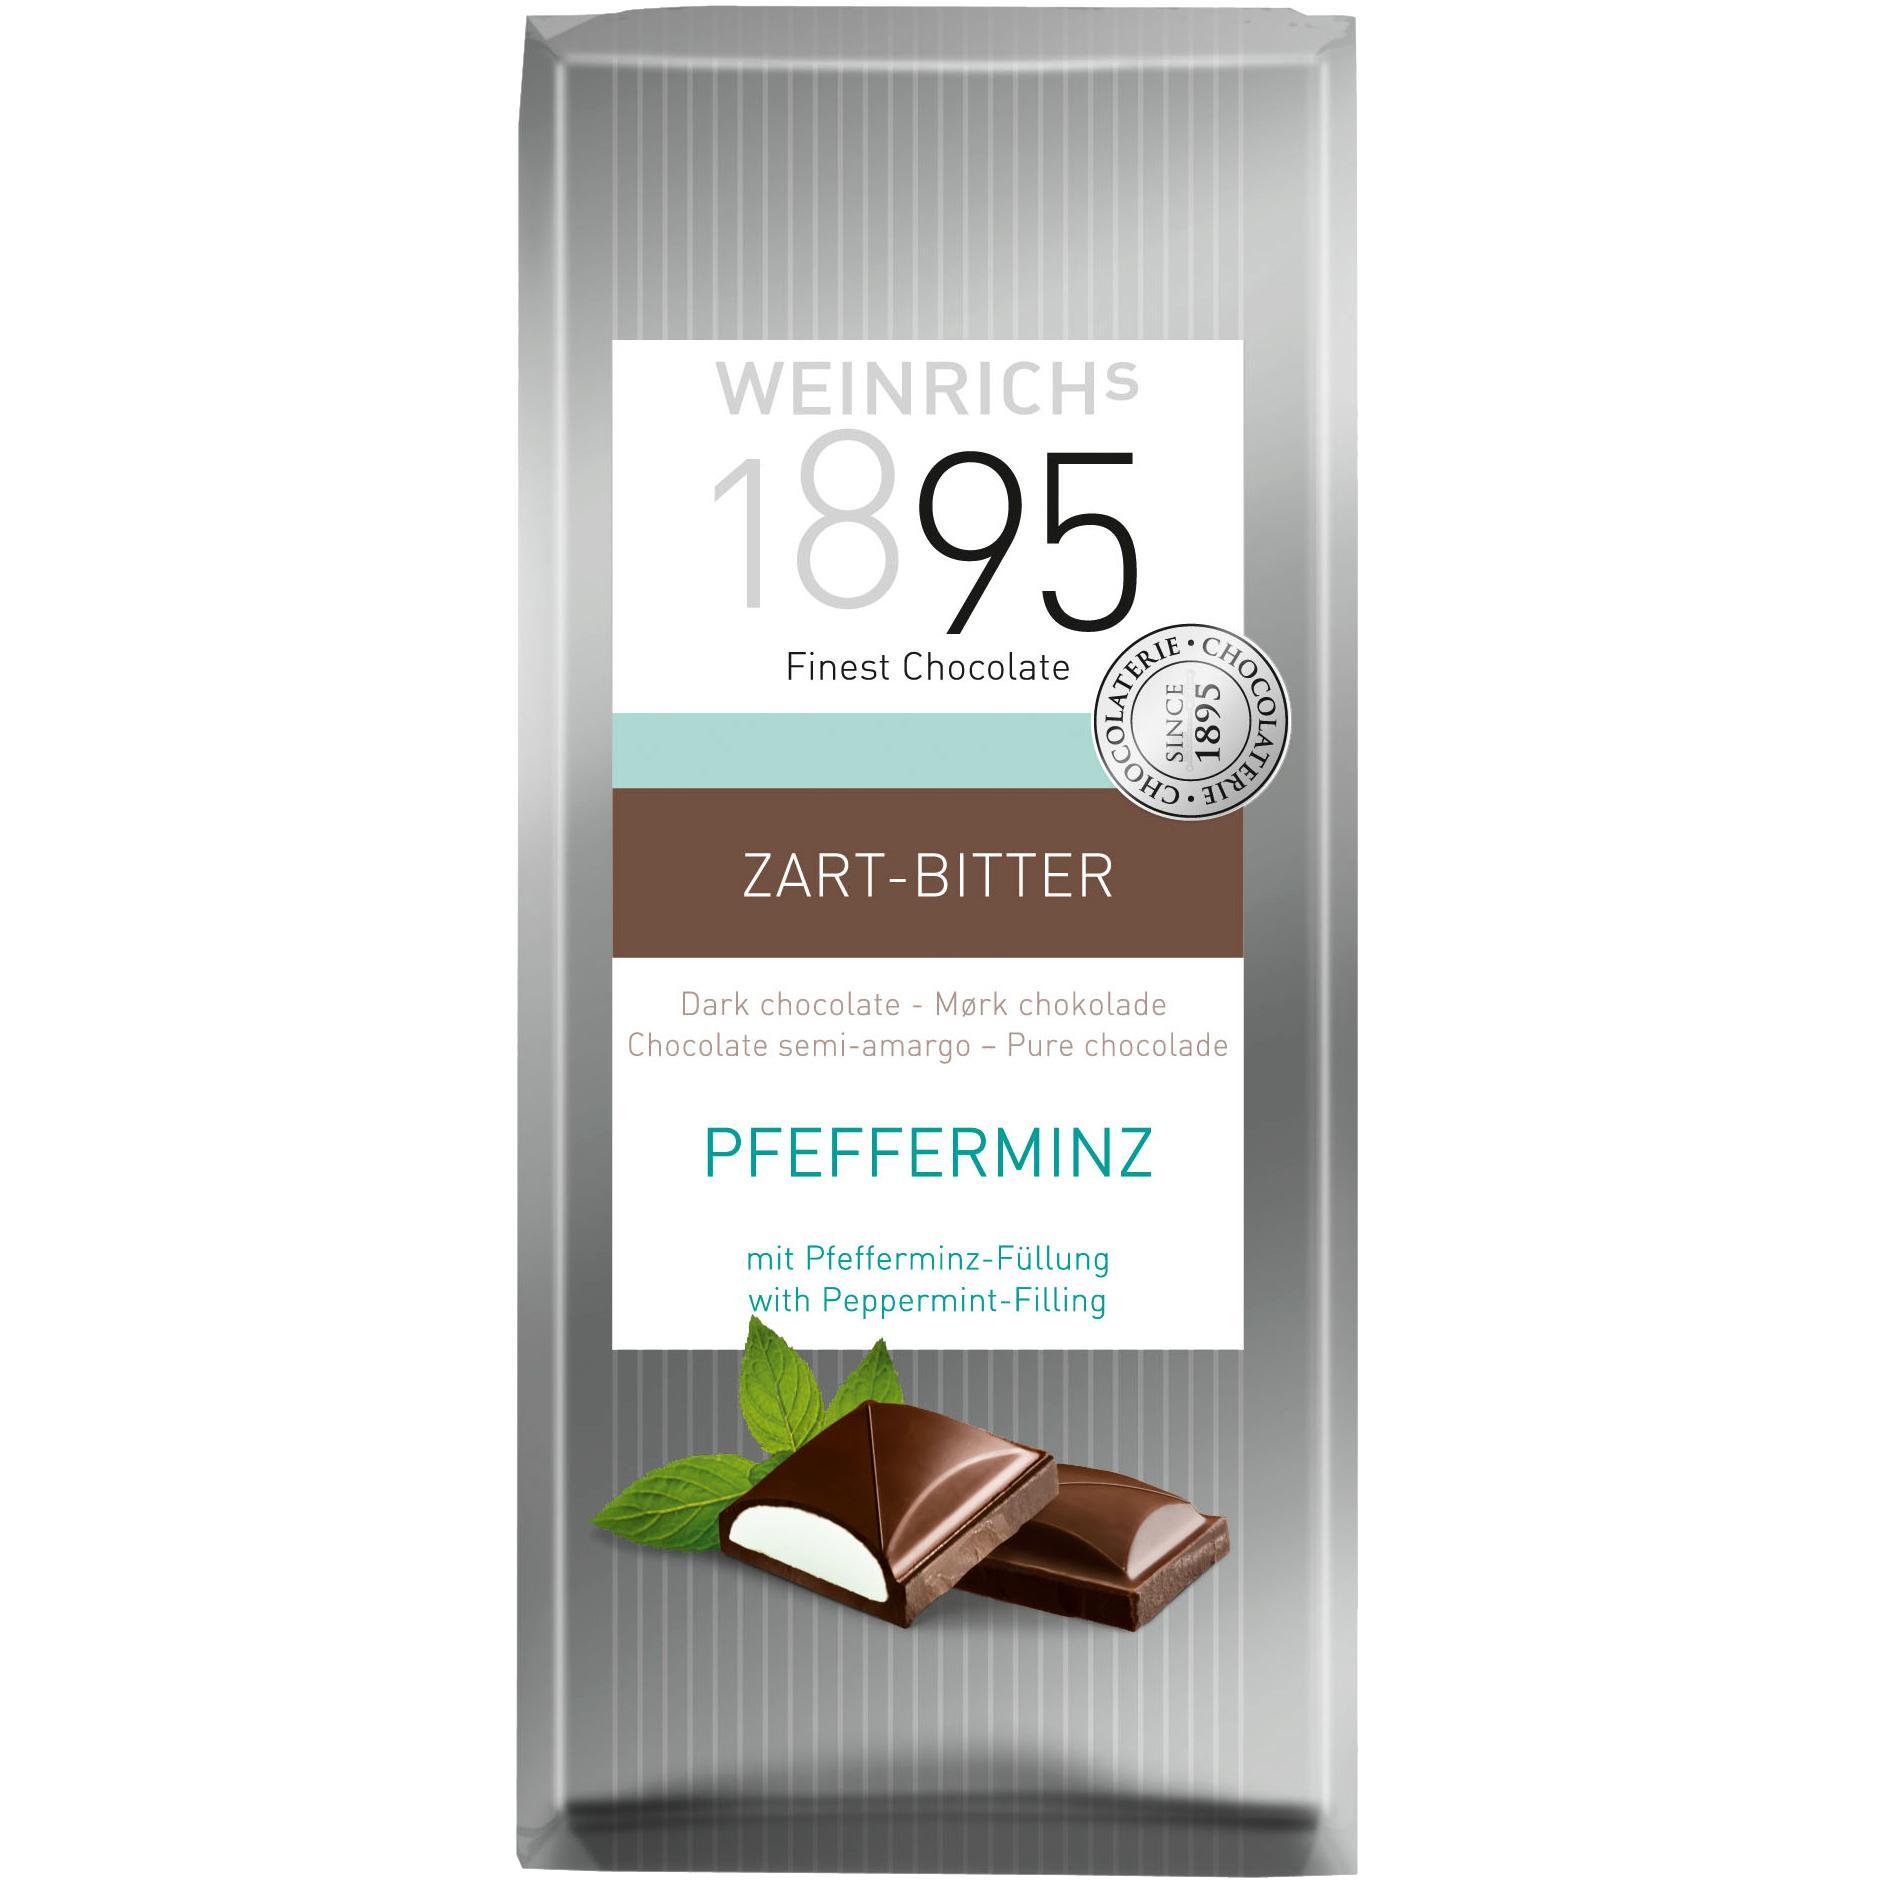 Шоколад Weinrich's Темный c мятной начинкой